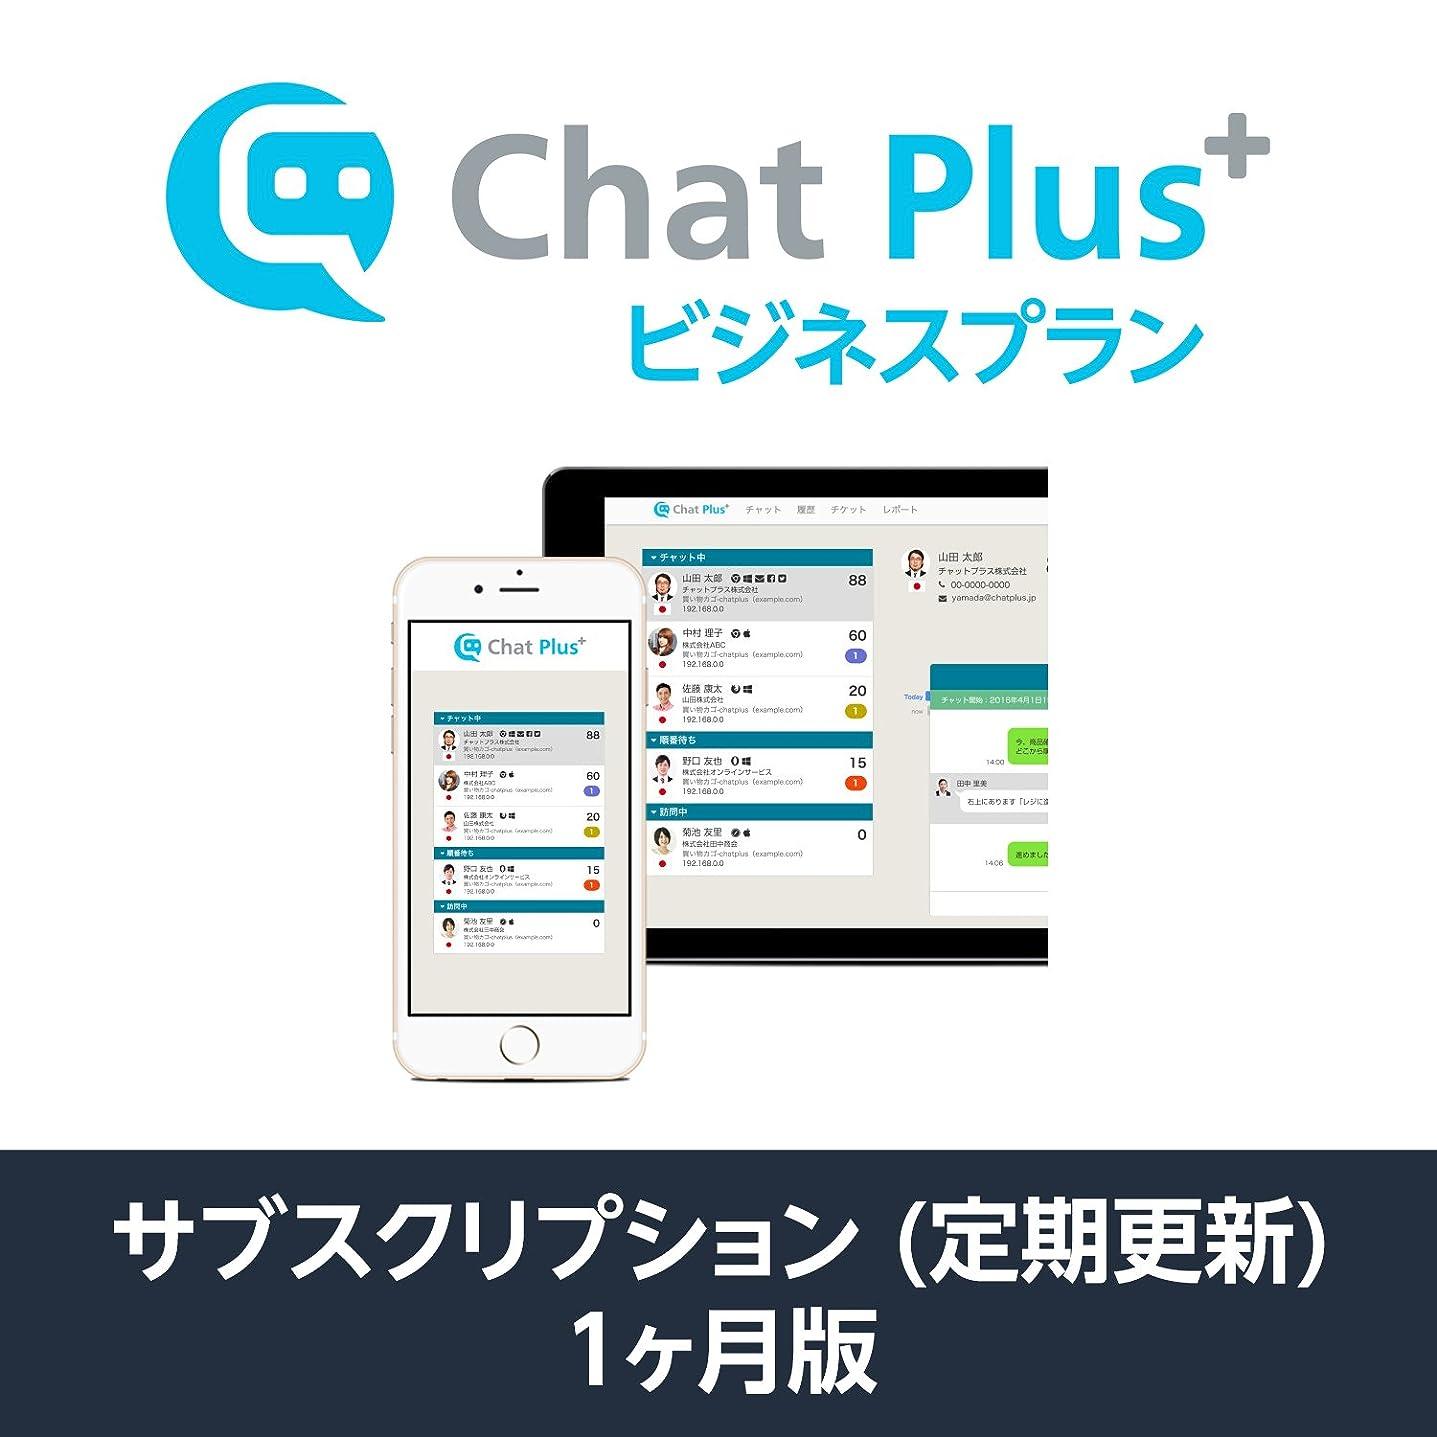 アドバイス放課後内部AIチャットボット チャットプラス | ビジネスプラン | 1か月更新 | 購入後サポート付き | サブスクリプション (定期購入)